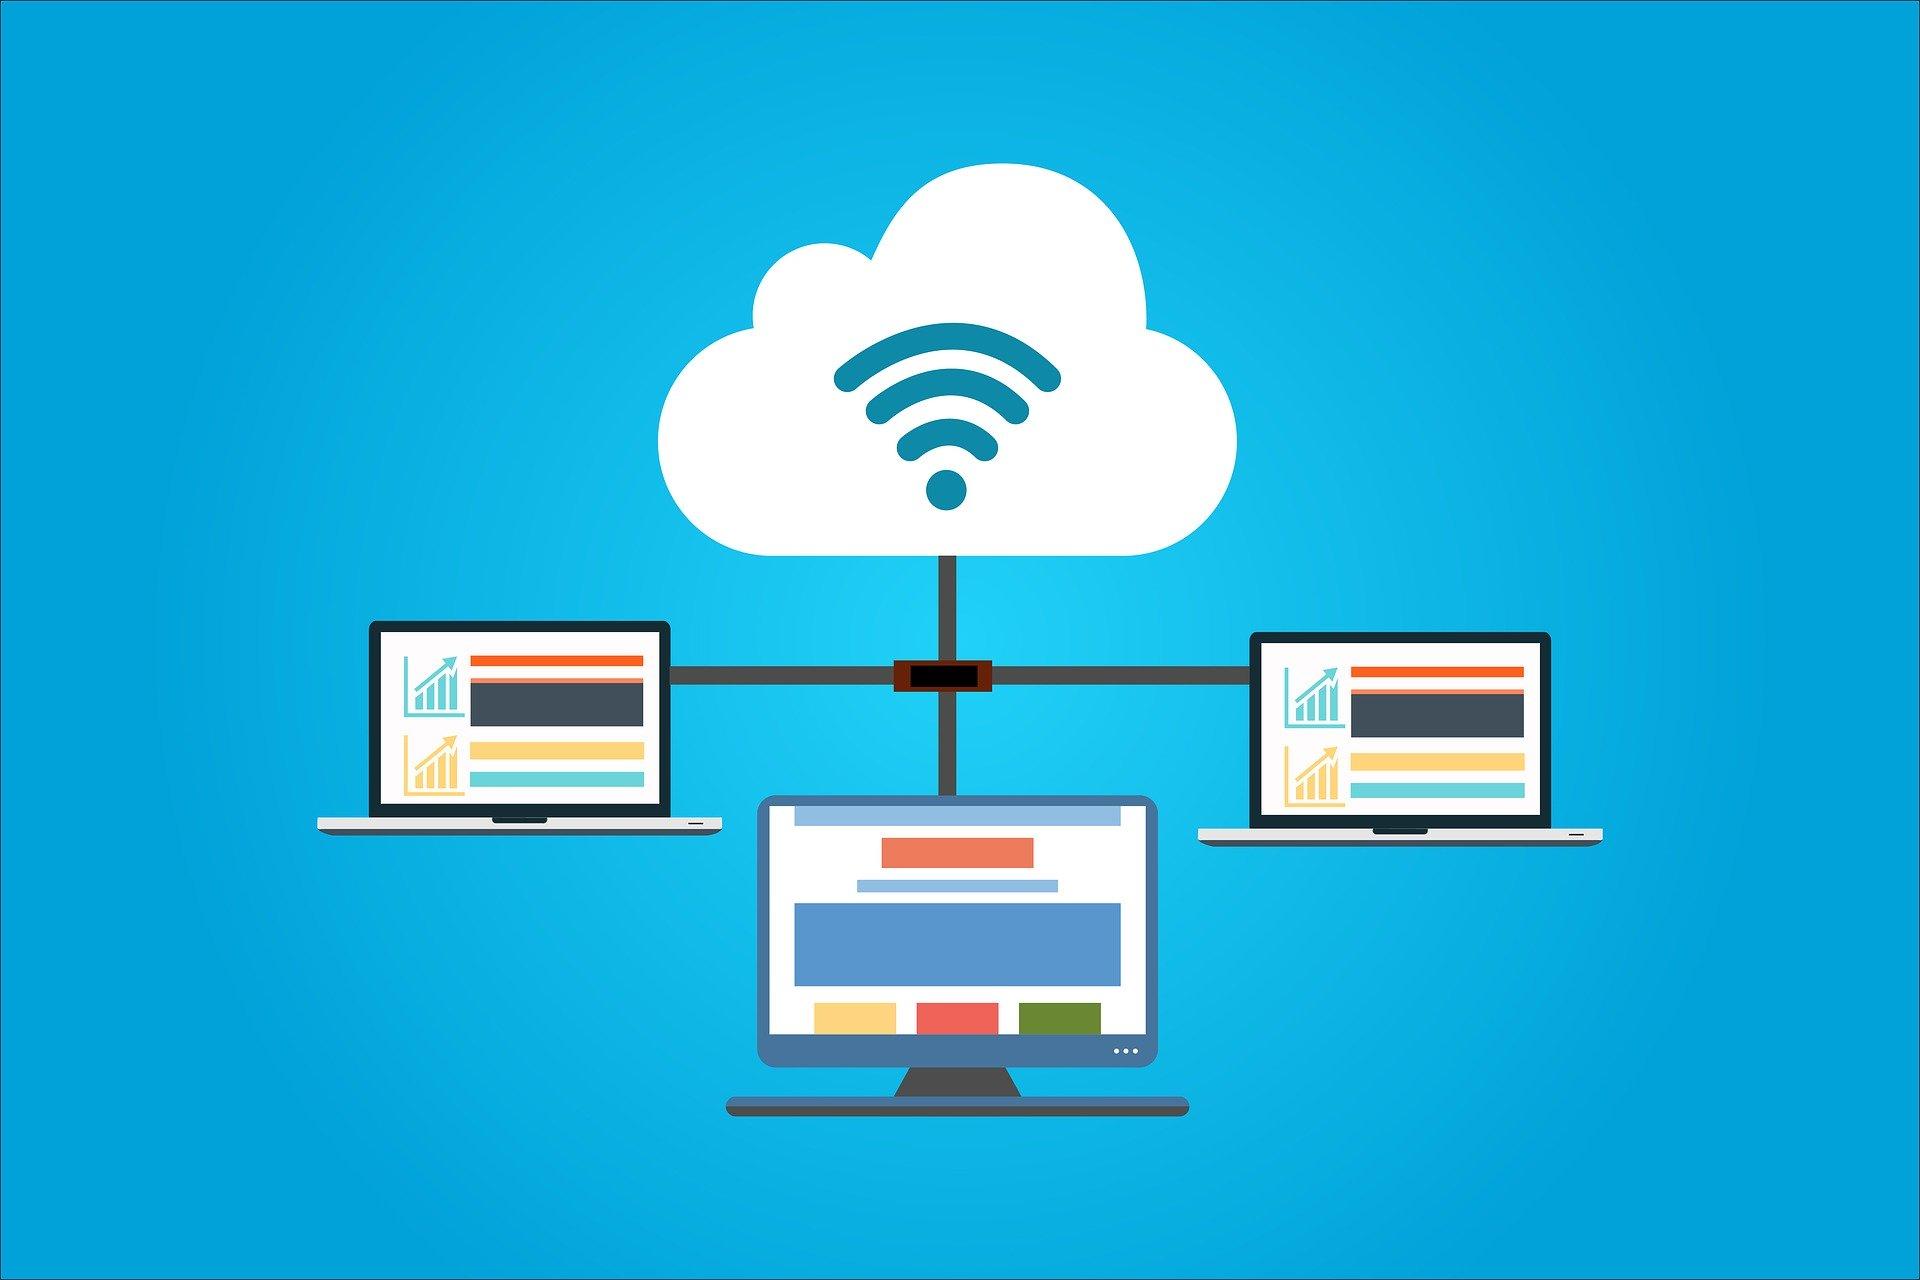 Thycotic ist Wegweiser für Cloud-basiertes Privileged Access Management